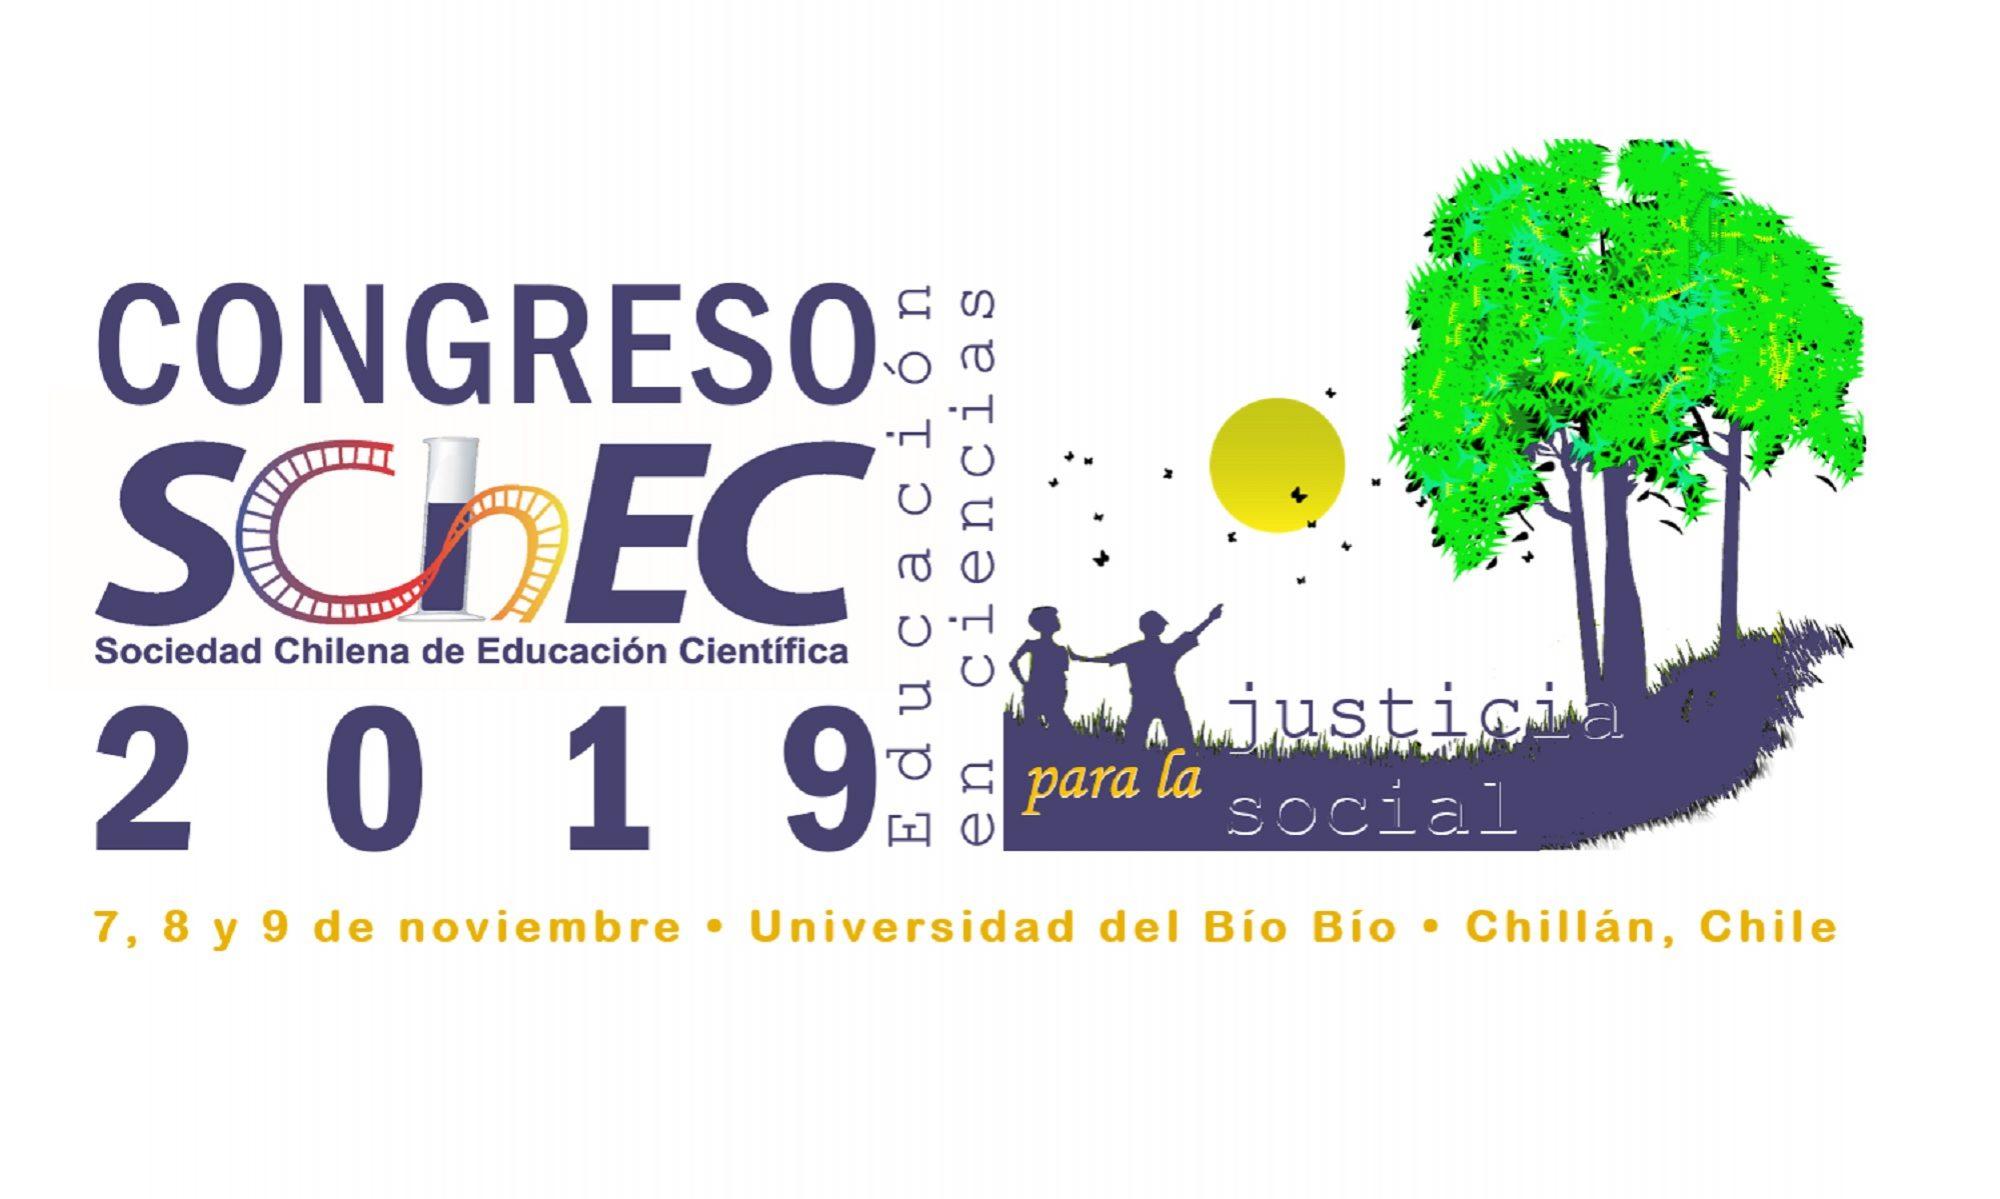 Congreso SChEC 2019